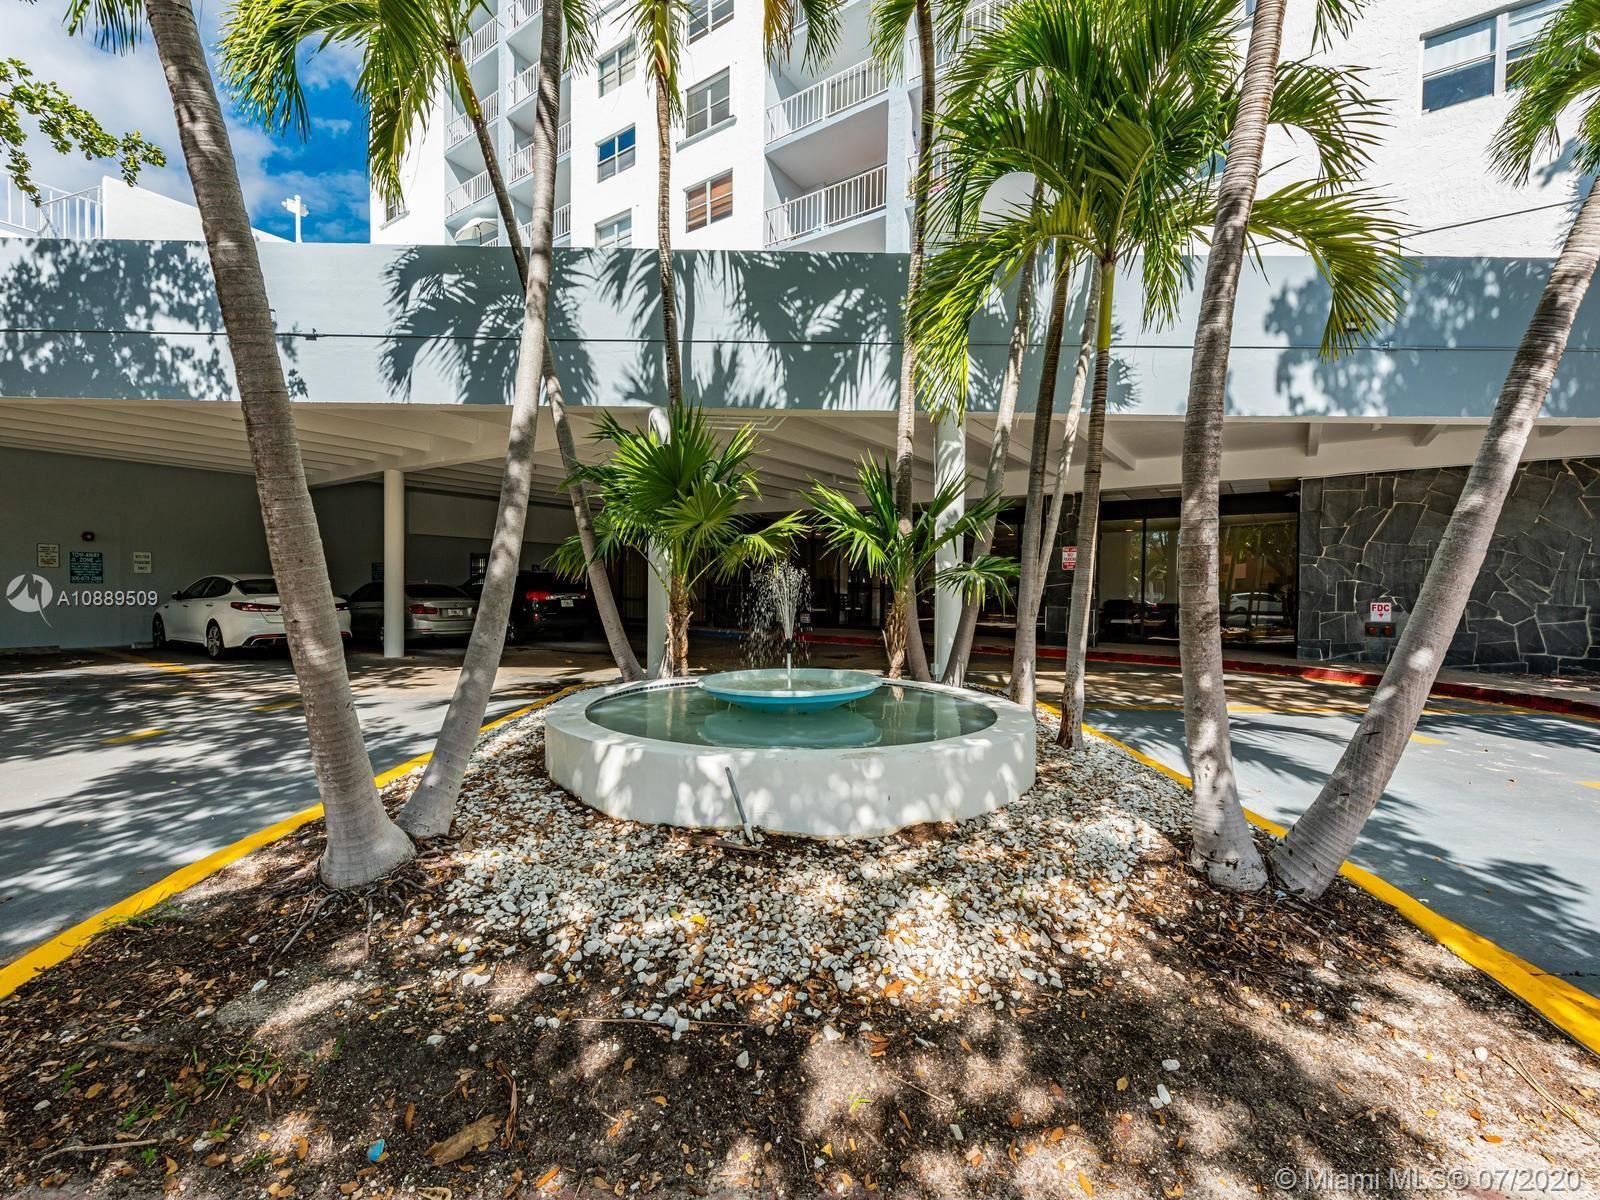 6900 Bay Dr #8K, Miami Beach, FL 33141 - #: A10889509